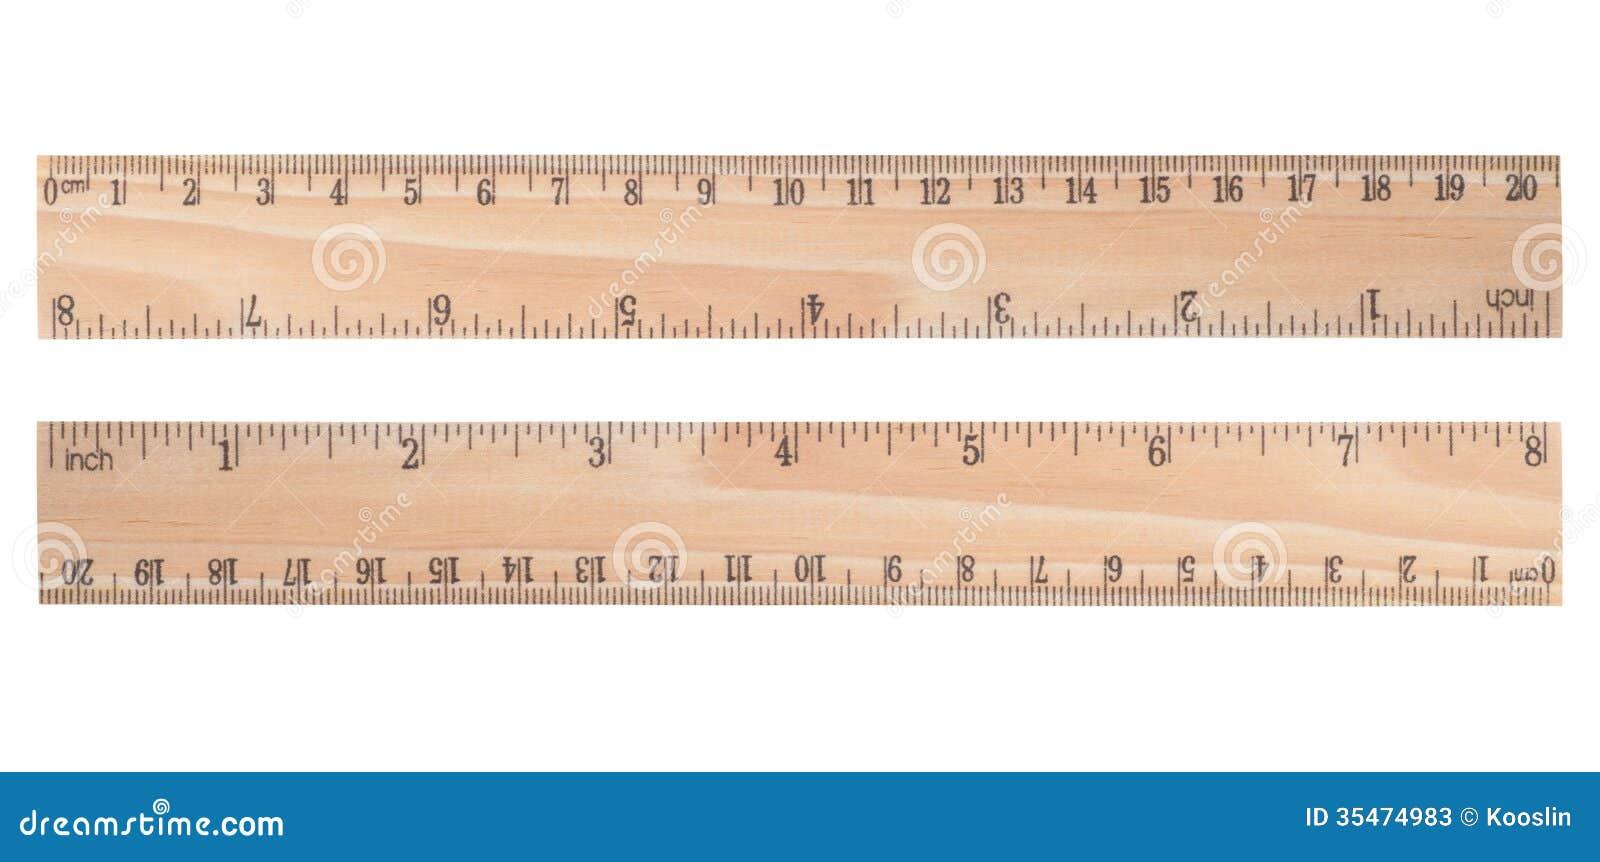 wooden ruler stock image image of centimeter millimeter